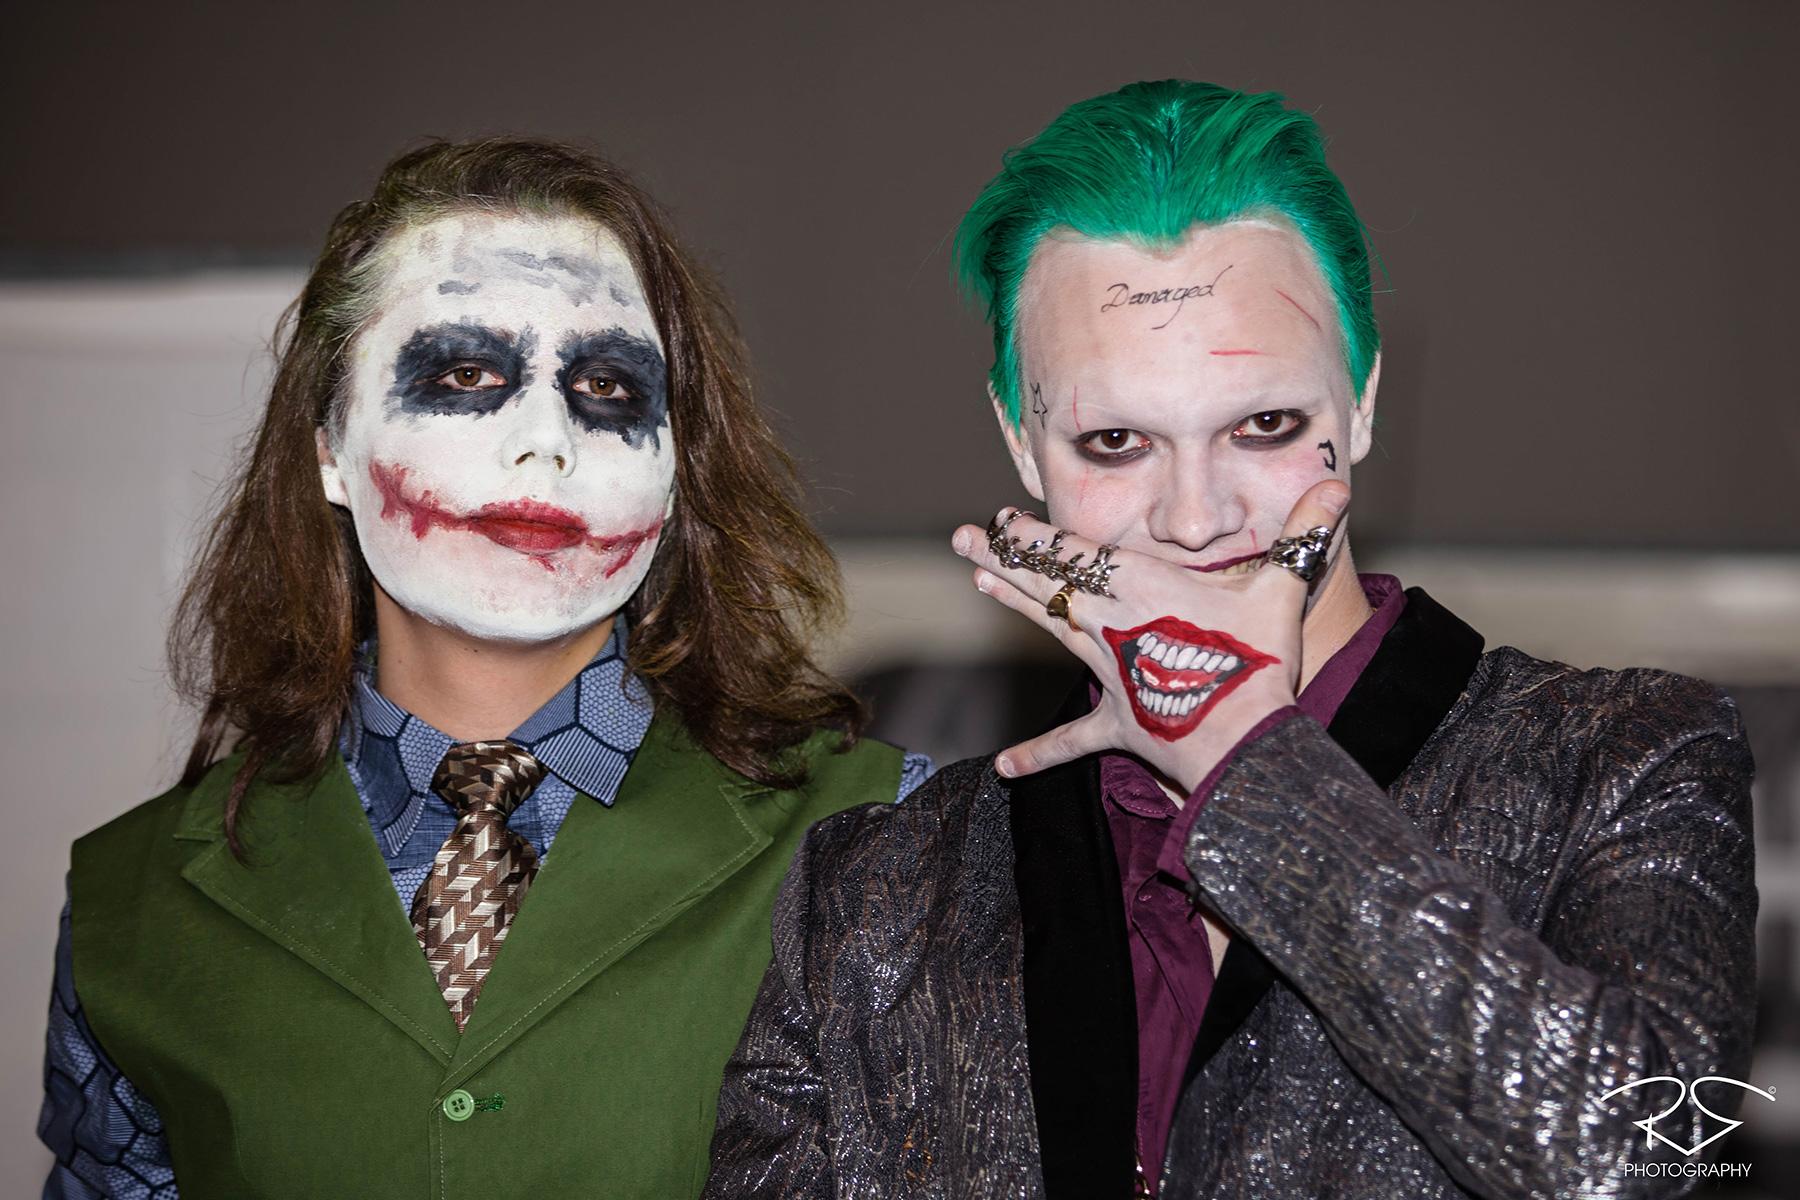 Joker-vs-Joker